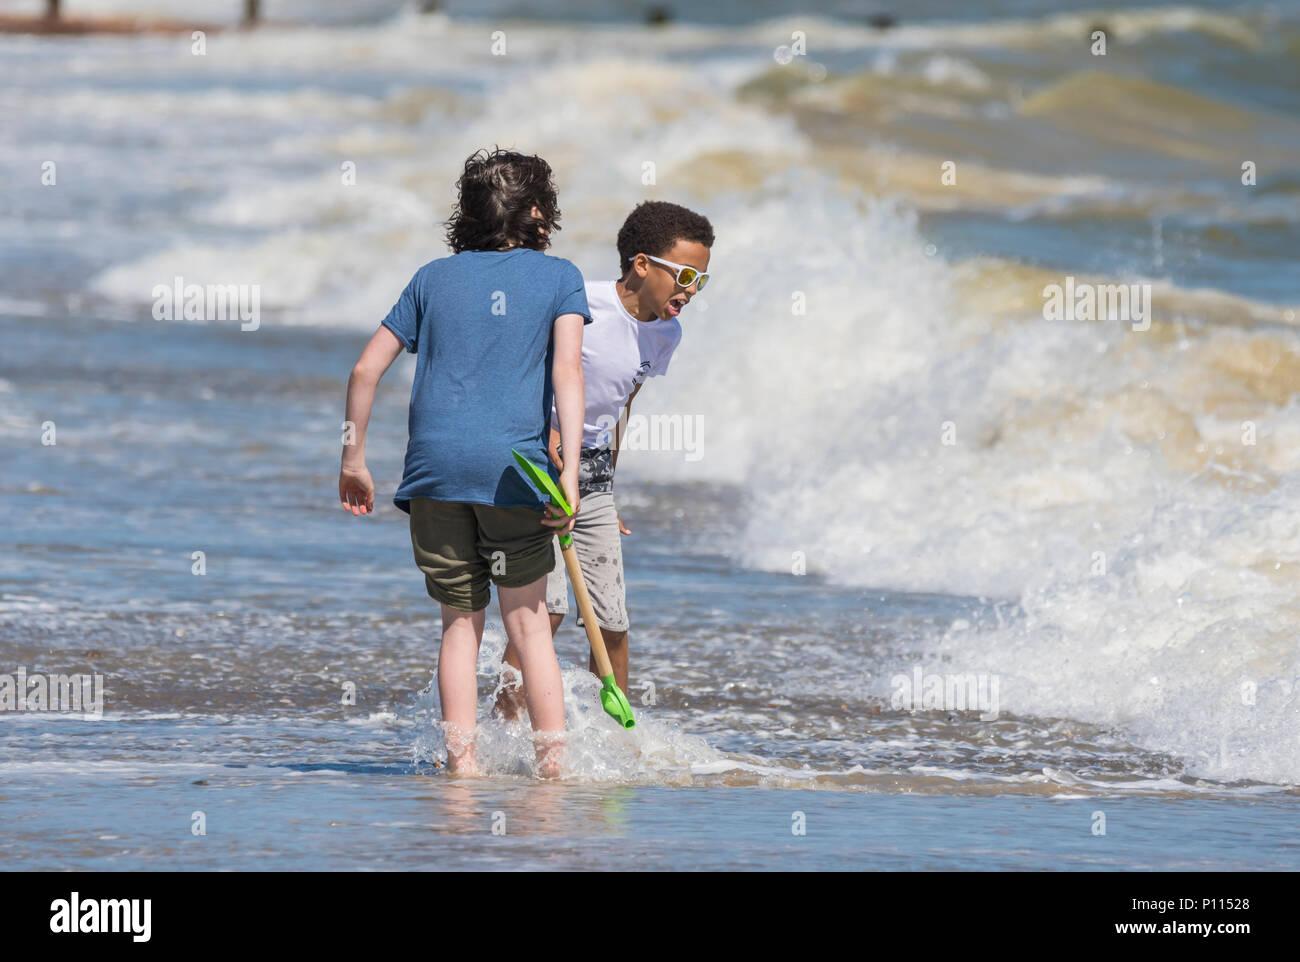 Coppia di ragazzi su una spiaggia in riva al mare a giocare come le onde si rompono vicino in Inghilterra, Regno Unito. I ragazzi guardano a essere di origini etniche diverse. Immagini Stock